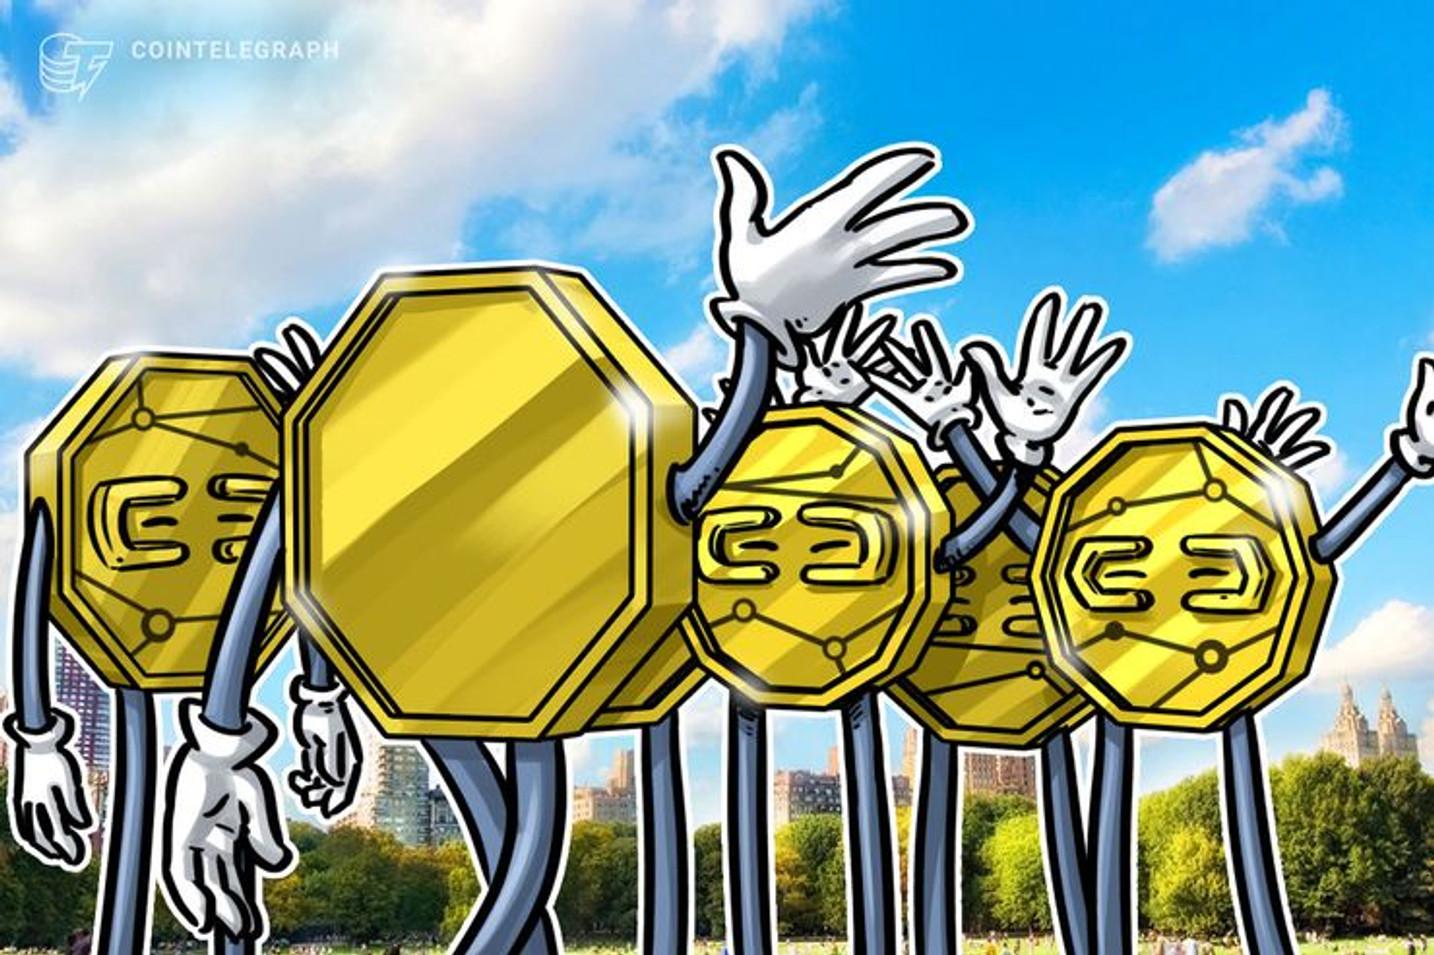 Exclusivo: BitcoinTrade vai listar EOS e stablecoin DAI, lançar nova plataforma e novo app